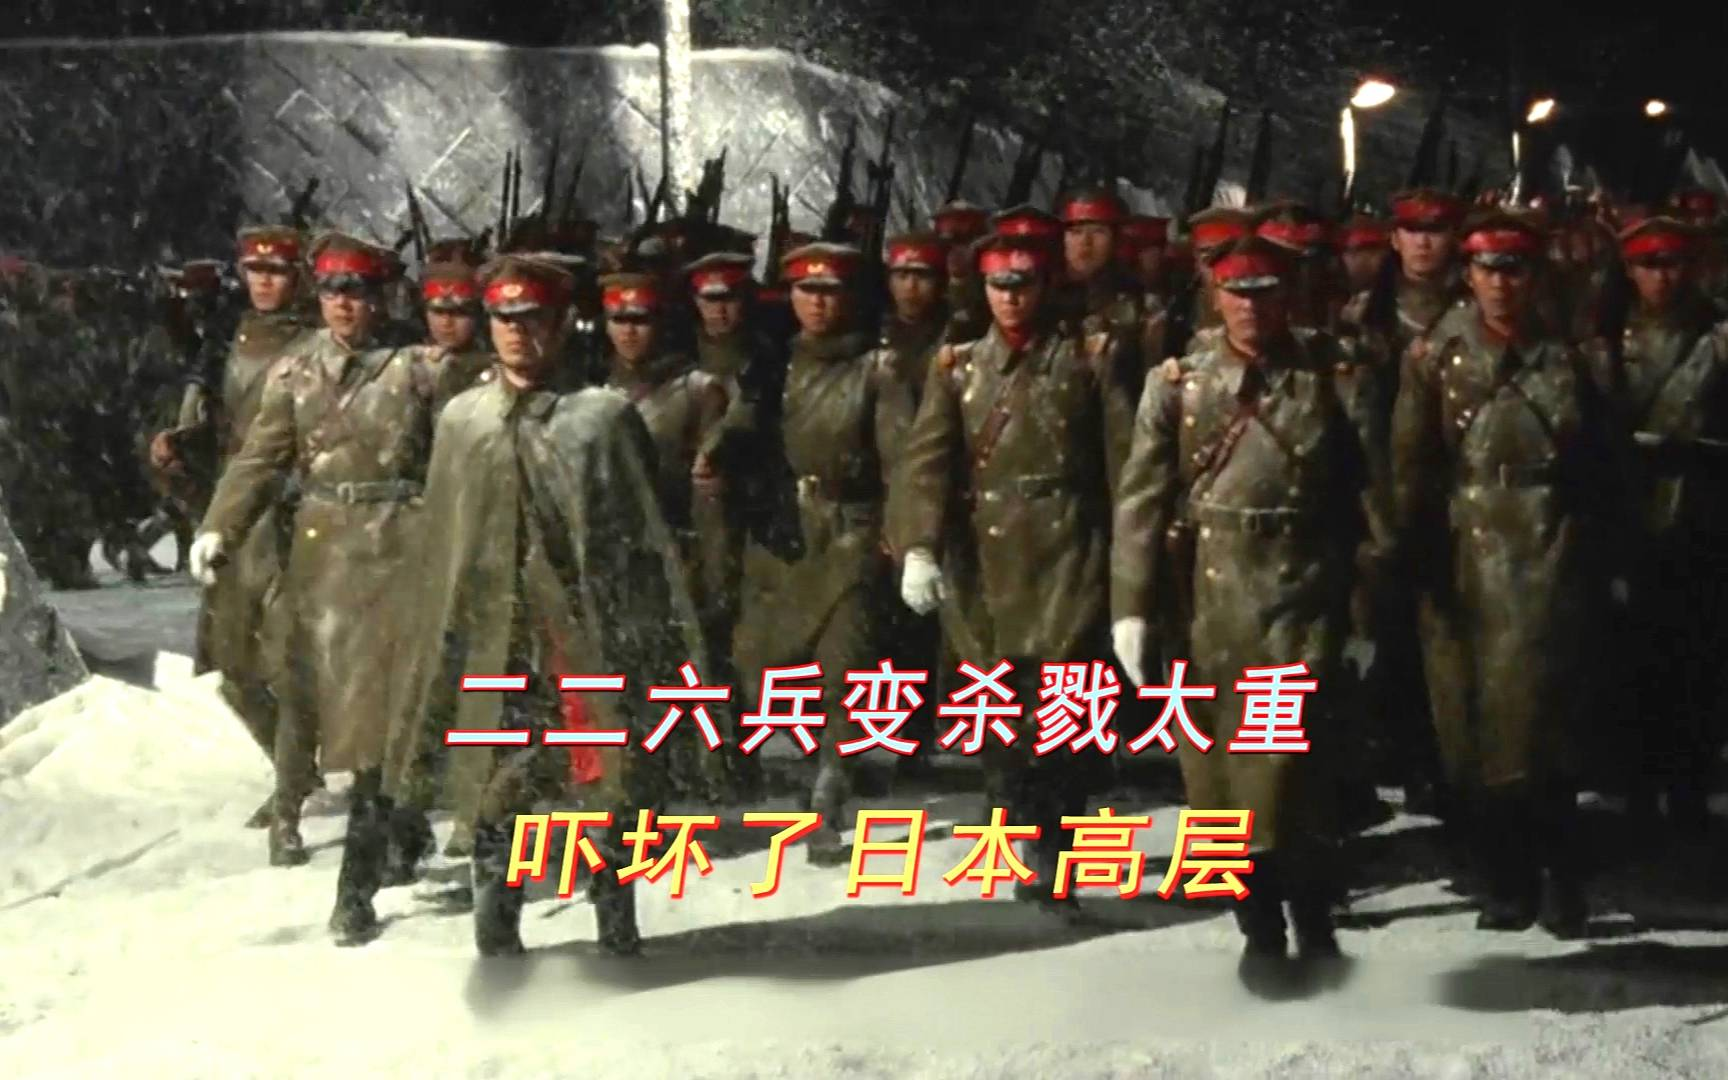 二二六兵变太残暴,日军士兵疯狂屠杀日本高官,差点血洗东京